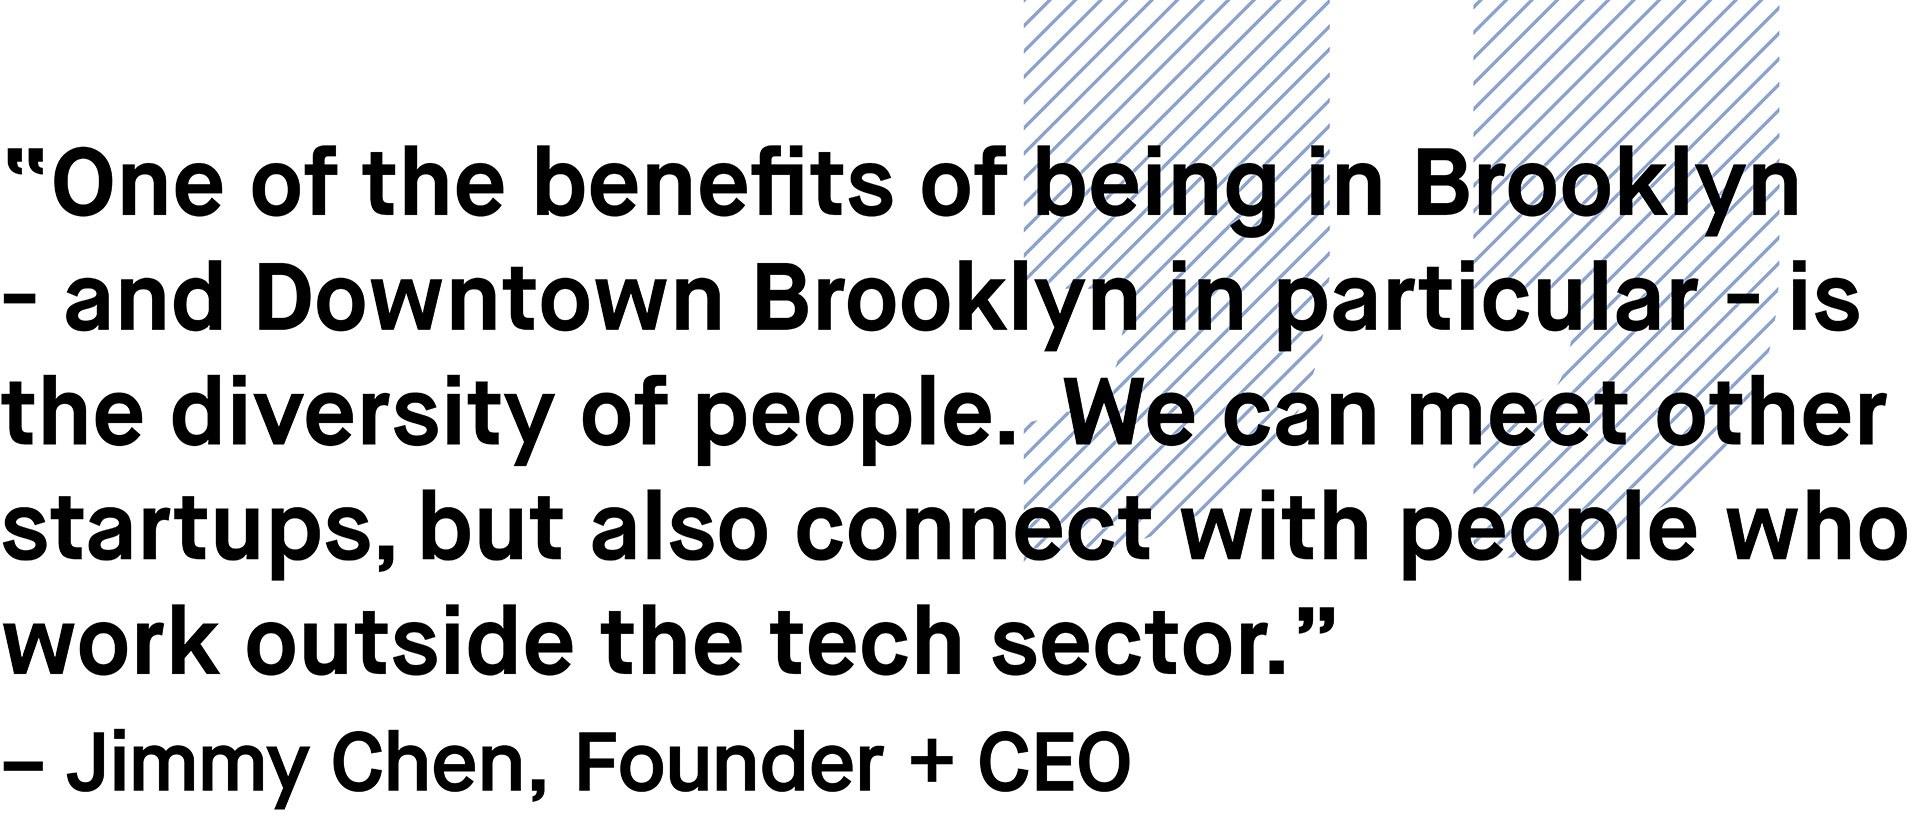 Make It in Brooklyn: Propel